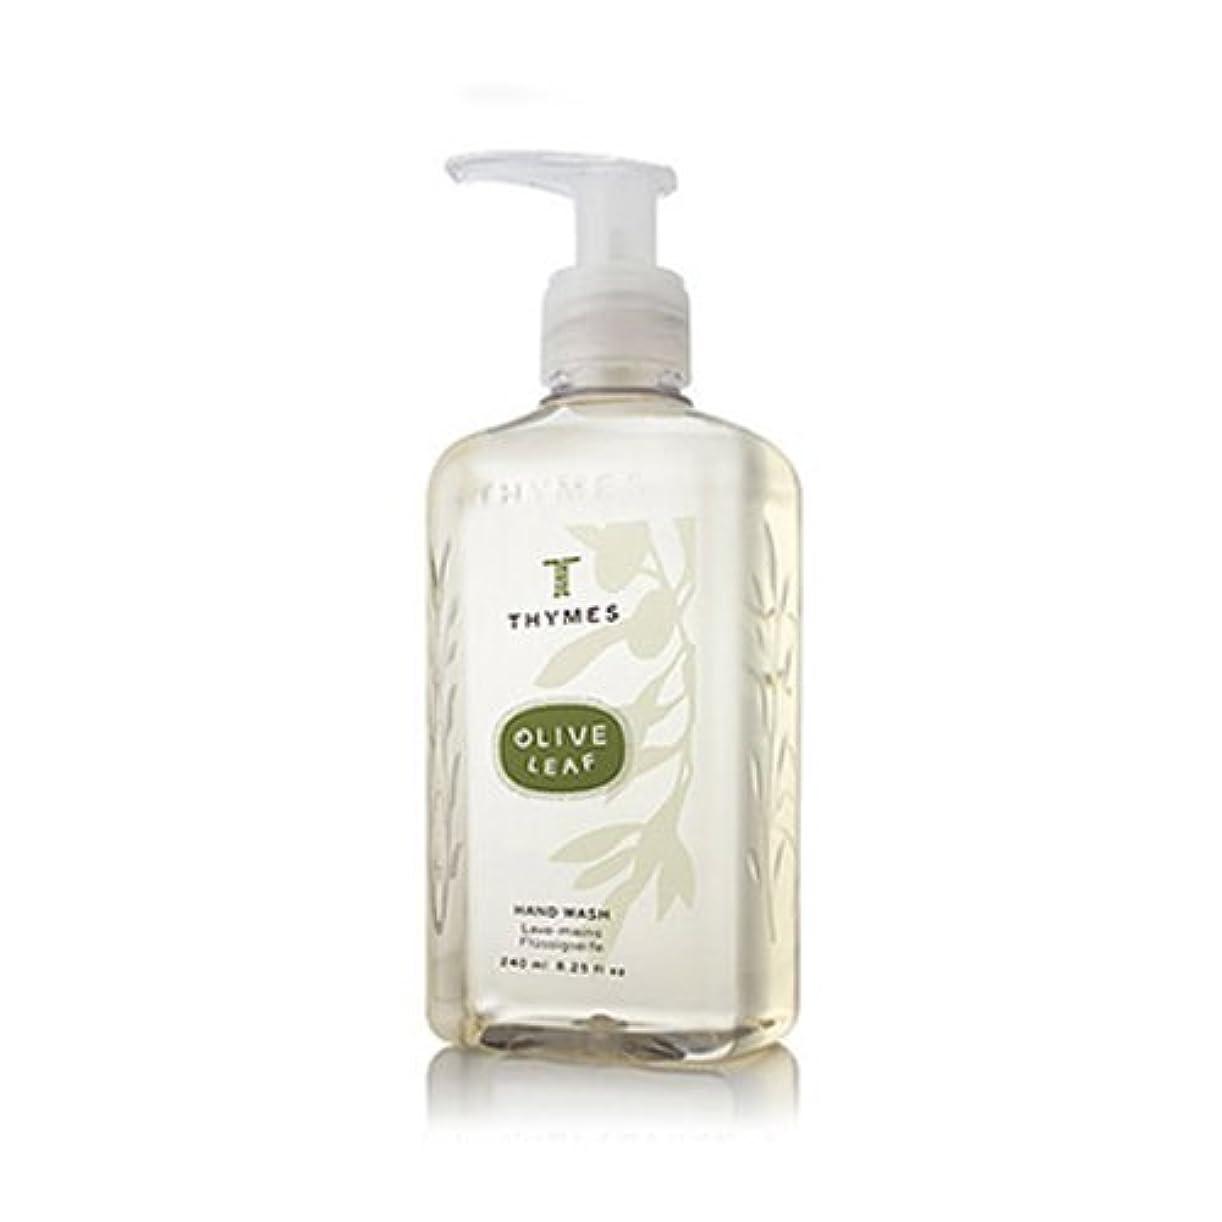 パターン逃げるアンケートTHYMES タイムズ ハンドウォッシュ 240ml オリーブリーフ Hand Wash 8.25 fl oz Olive Leaf [並行輸入品]